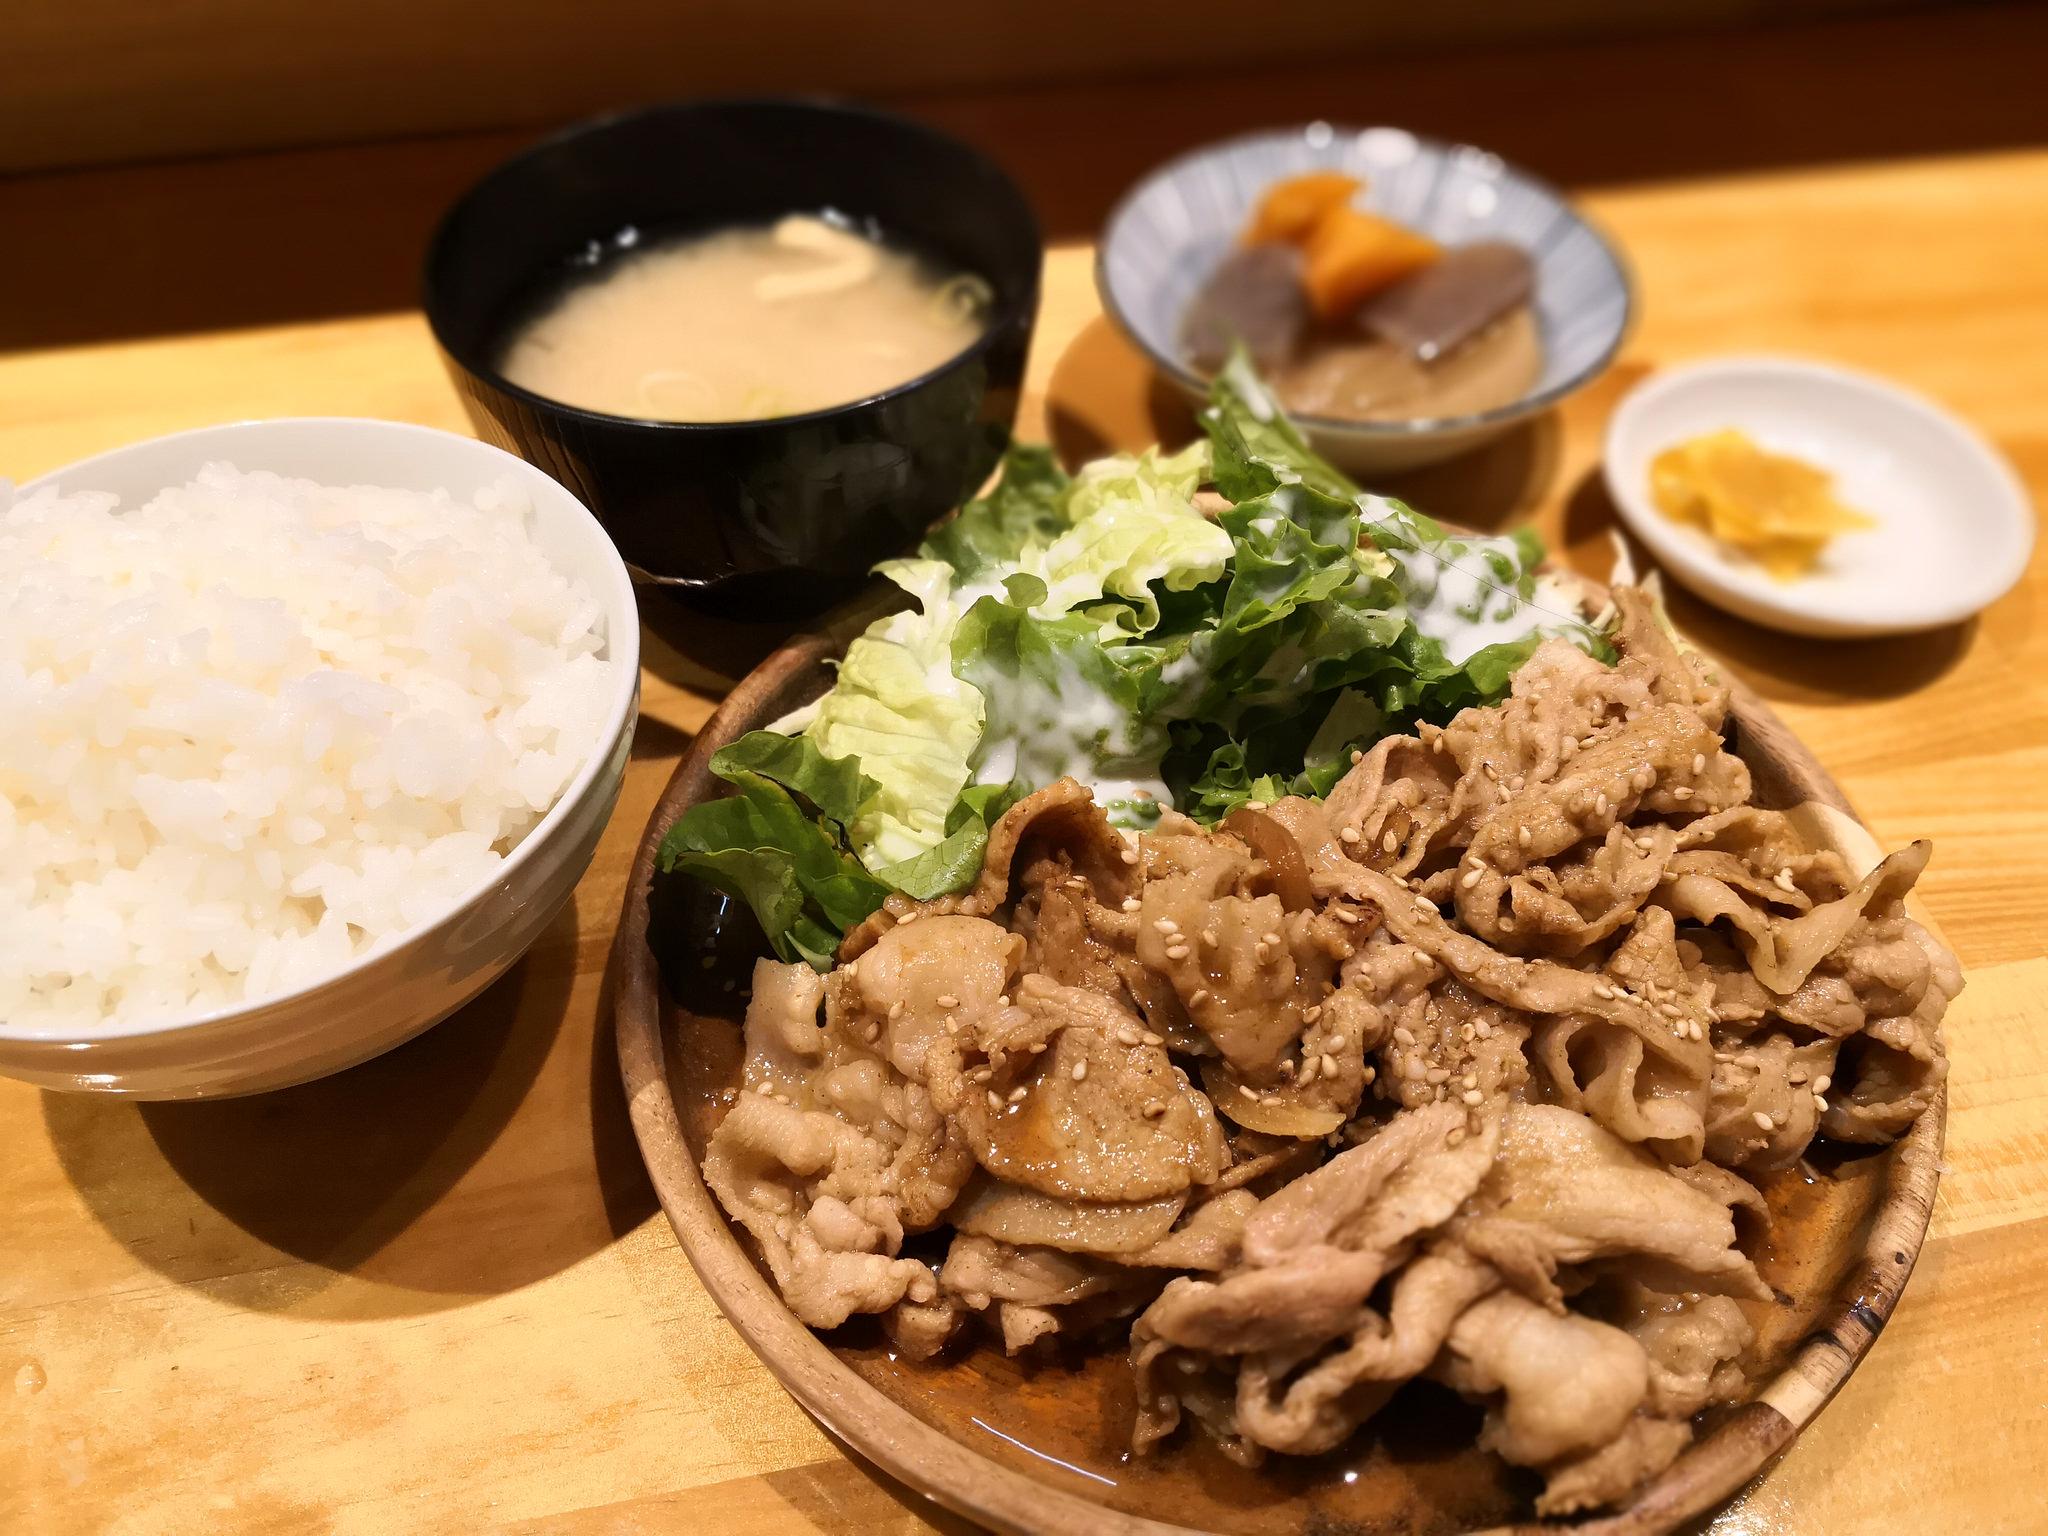 【不動前】酒場食堂 もんぱち 坂ノ上@不動前で人気の居酒屋さんの2号店。コスパランチで、夜も使いやすそう。